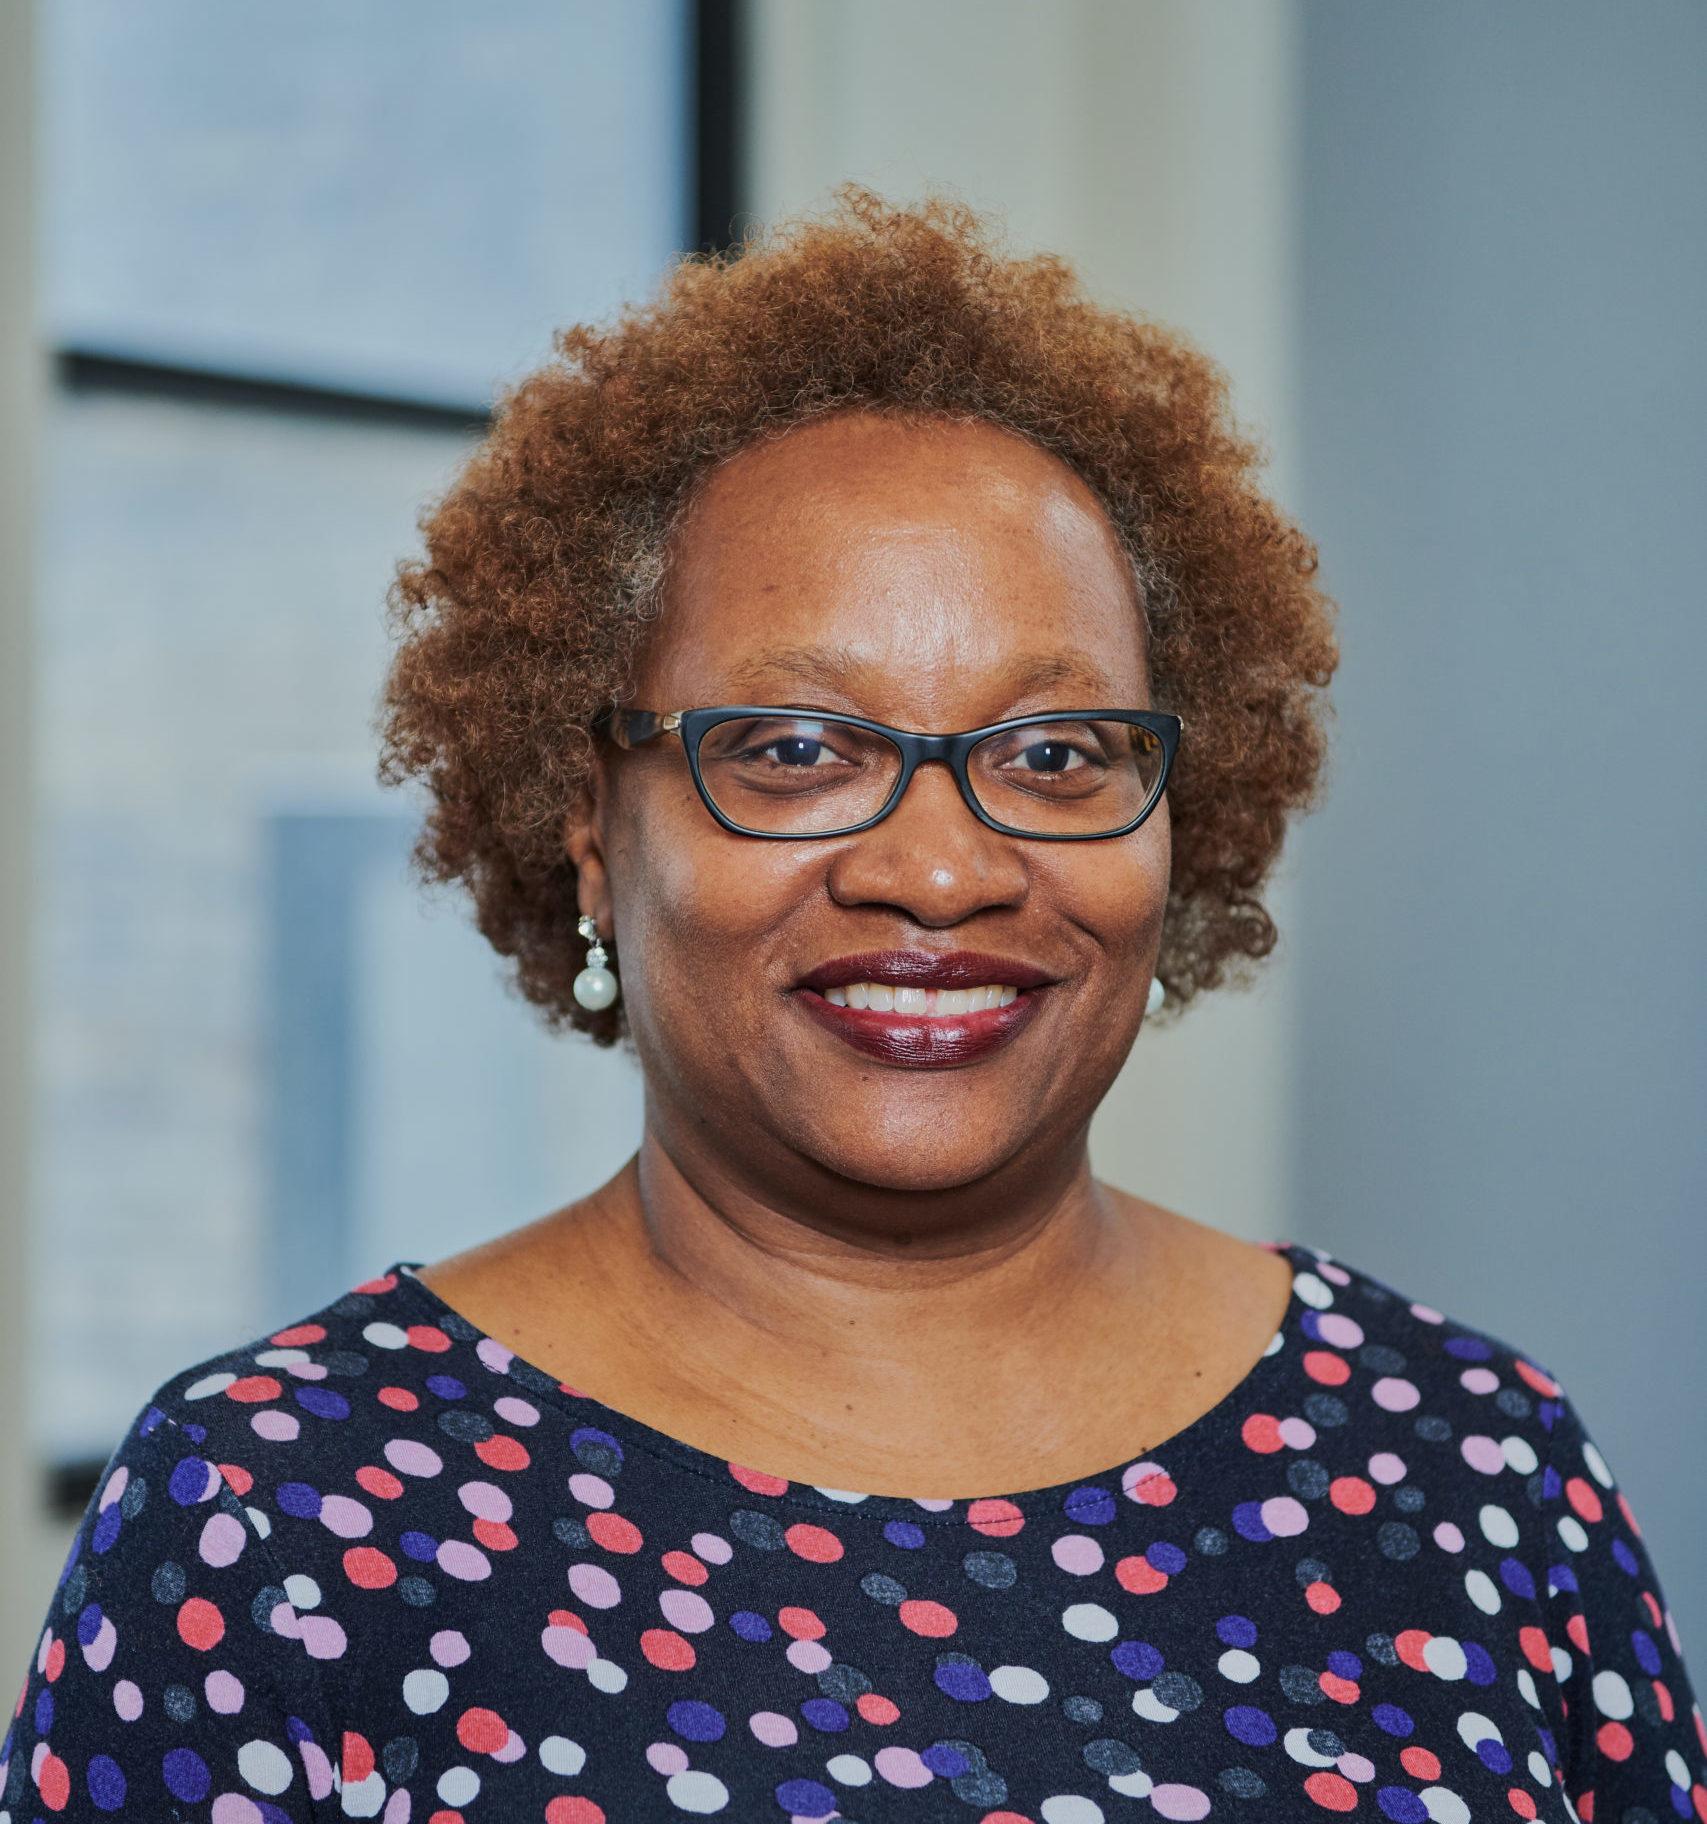 Rev. Dr. Simone LeConte-Parker, DMin, LMSW